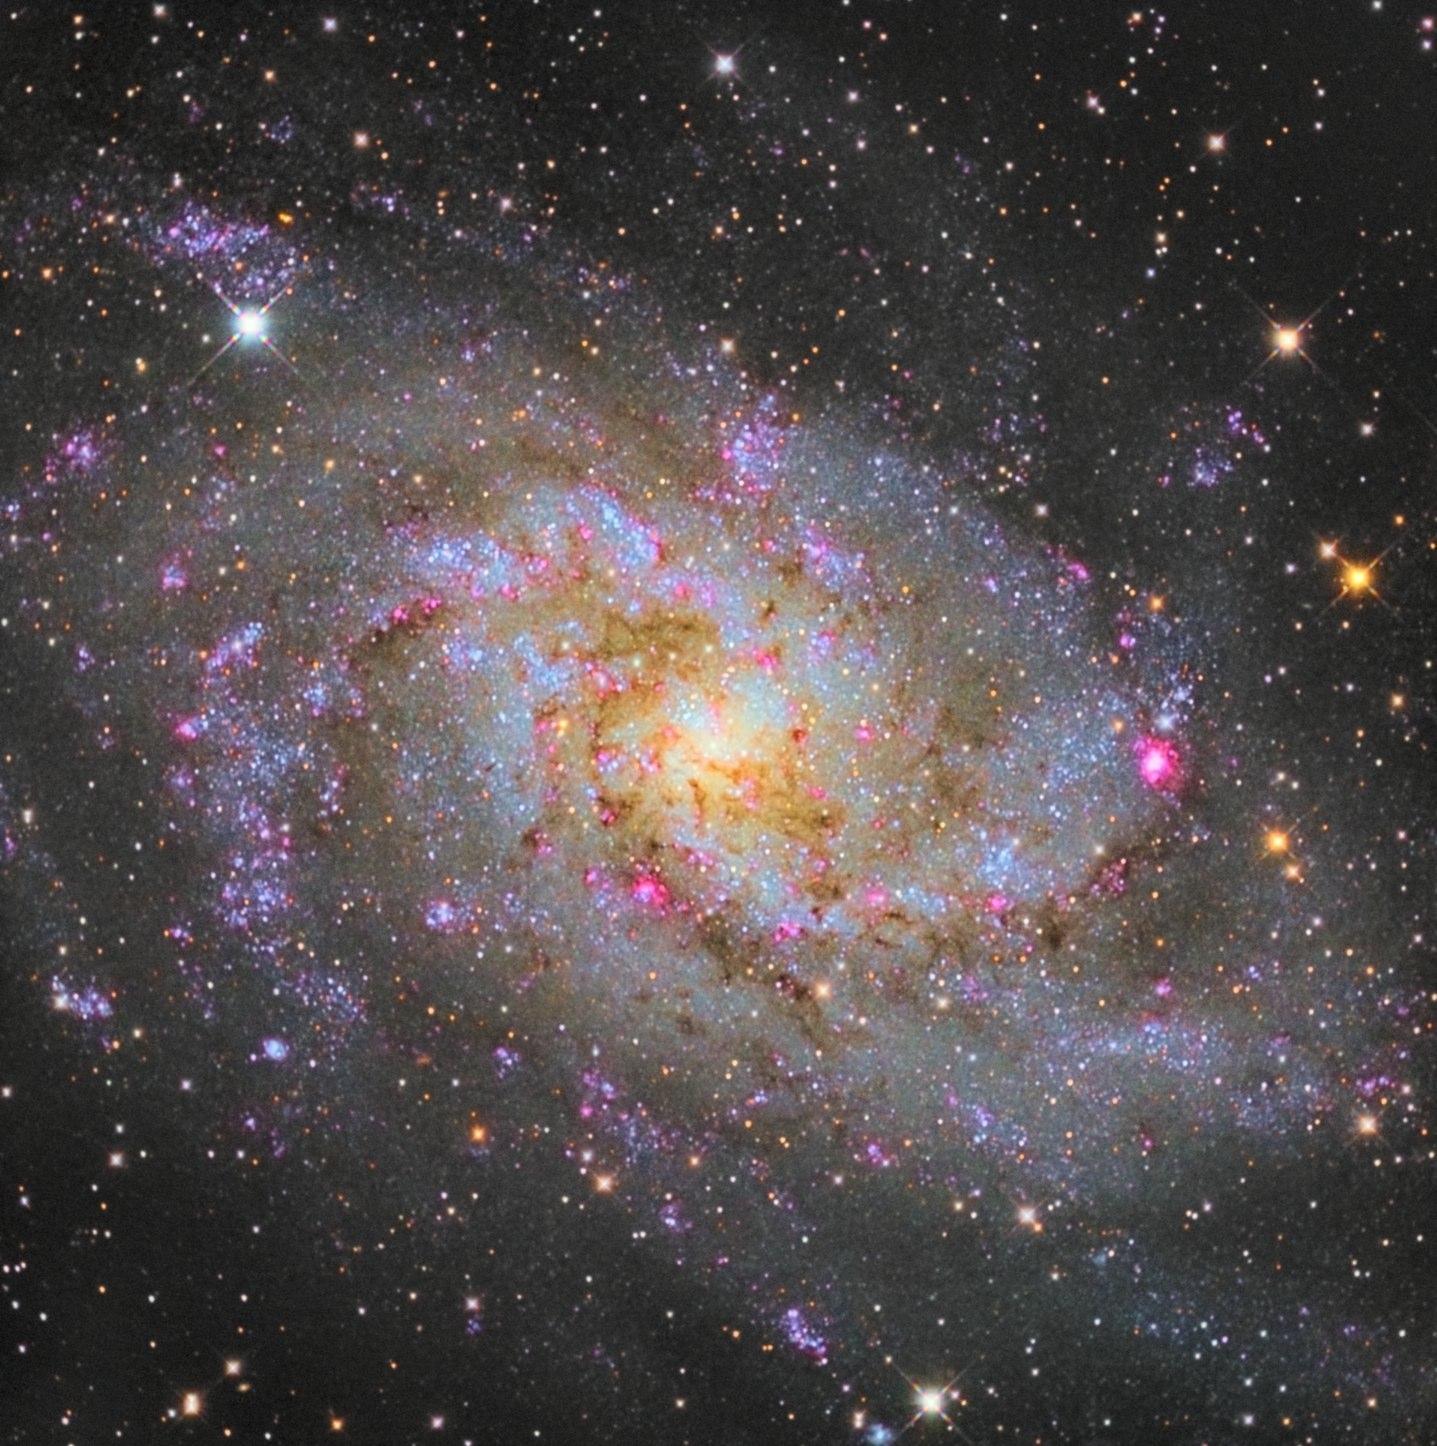 Image Credit: Oriol Lehmkuhl and Ivette Rodríguez (Astrosurf)